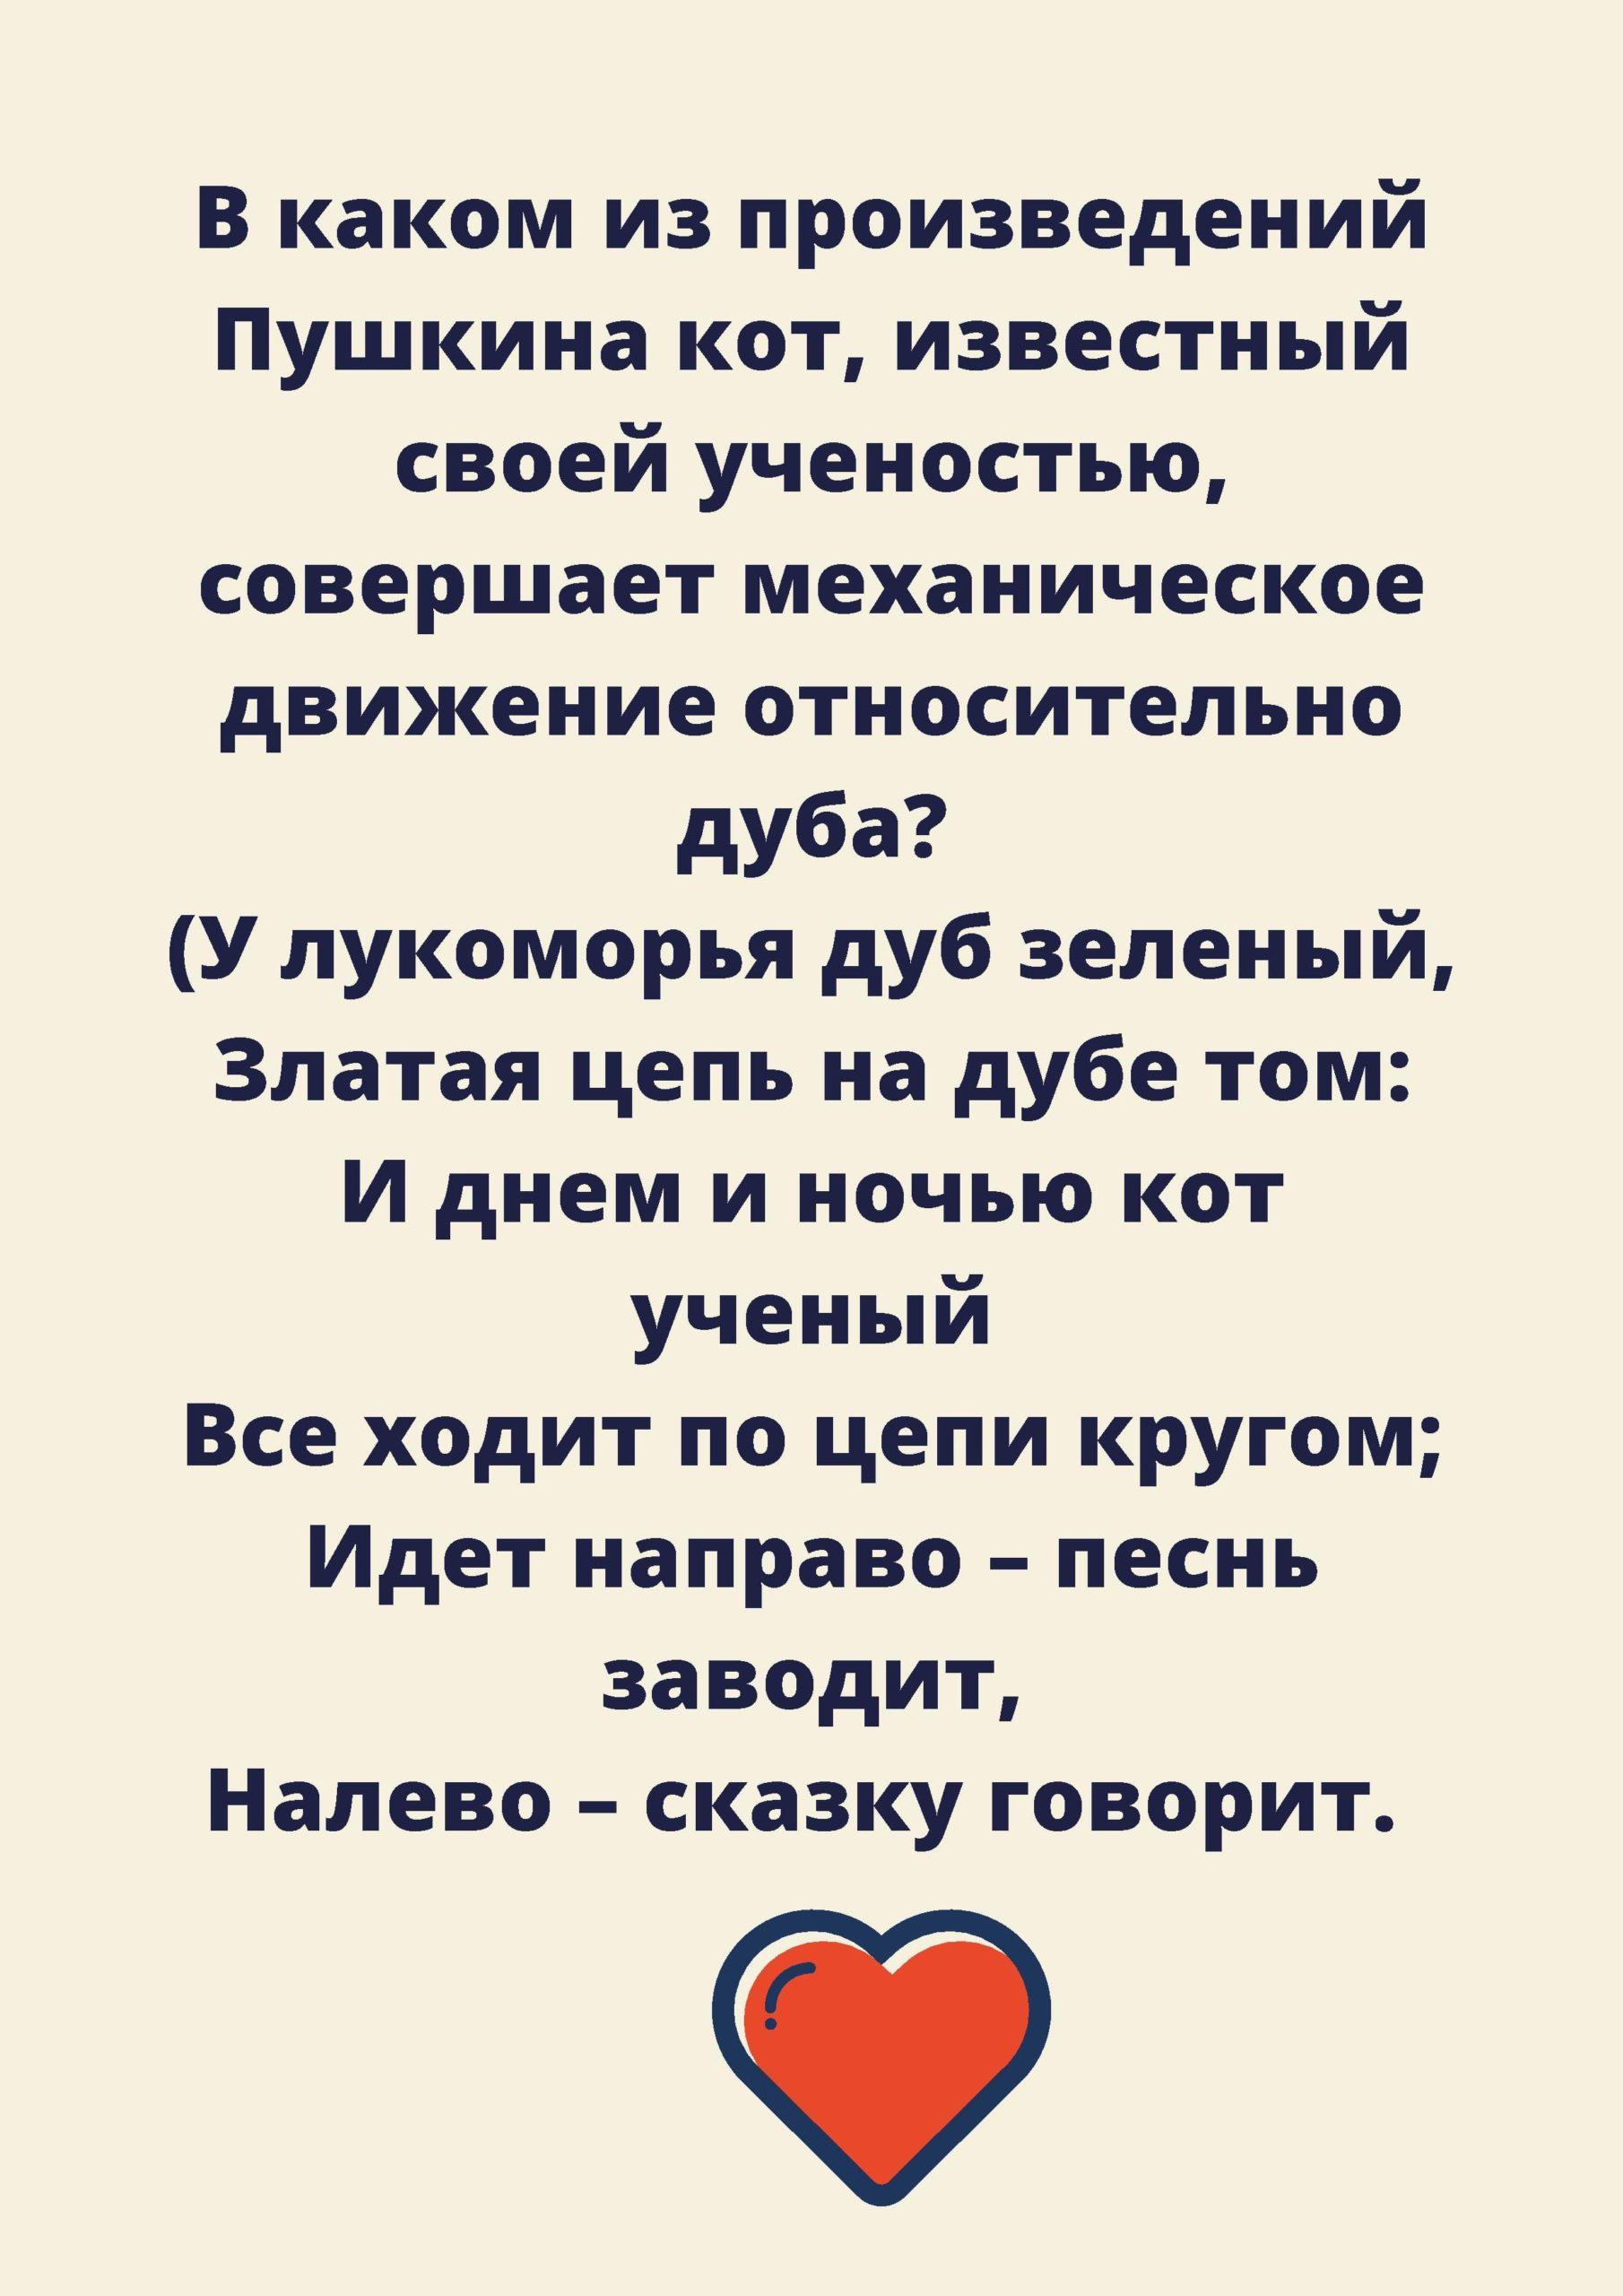 Вопрос №5. В каком из произведений Пушкина кот, известный своей учёностью